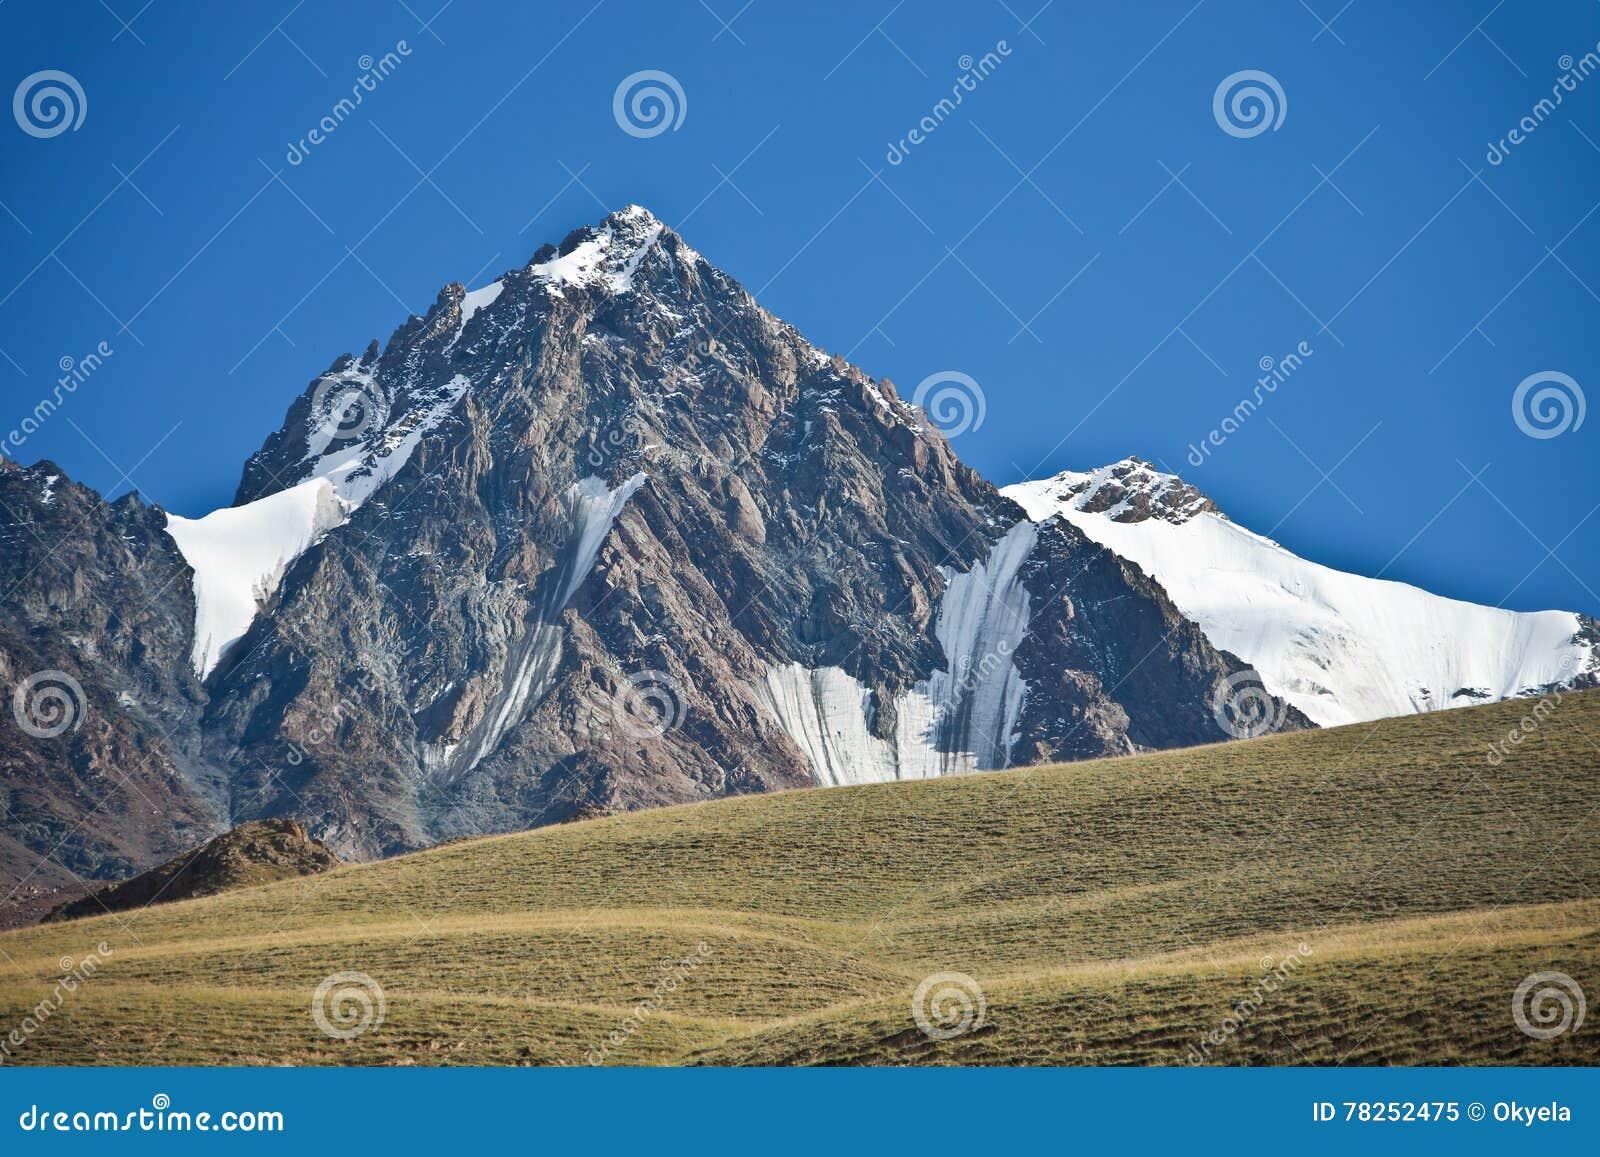 Βουνό, απότομοι βράχοι, παγετώνες και snowfields στην Τιέν Σαν